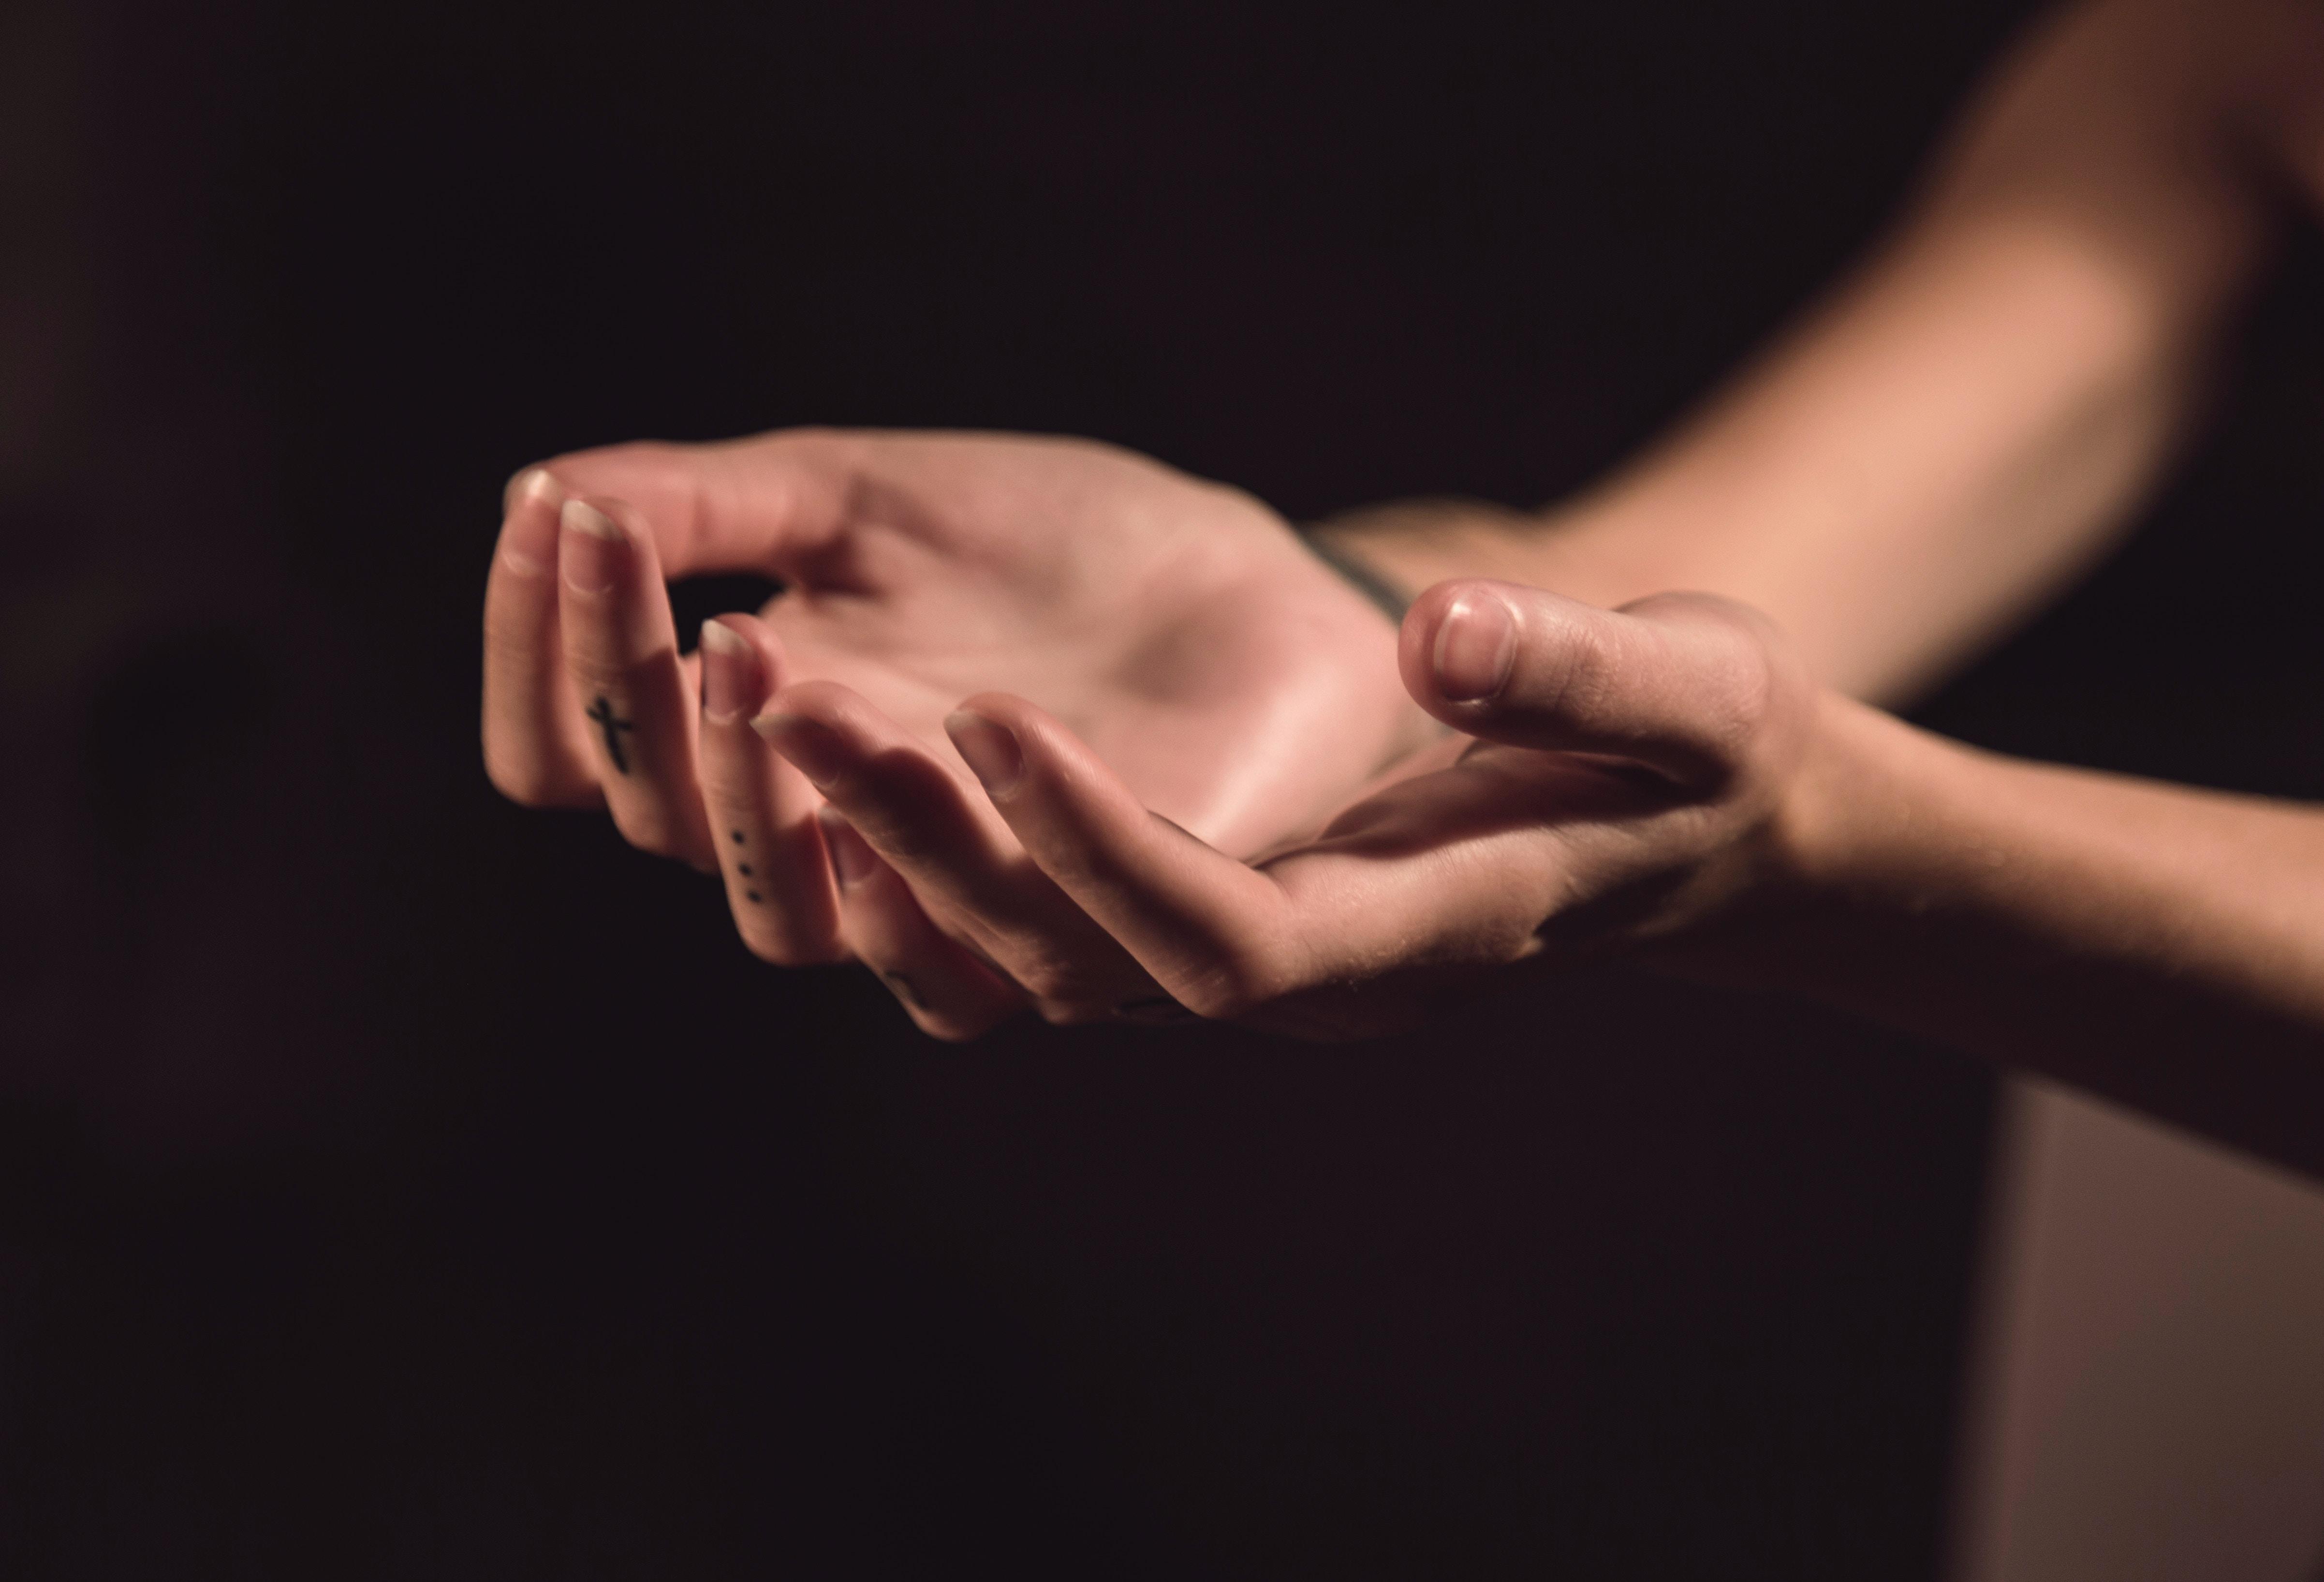 Palmo mani che eseguono la guarigione Reiki